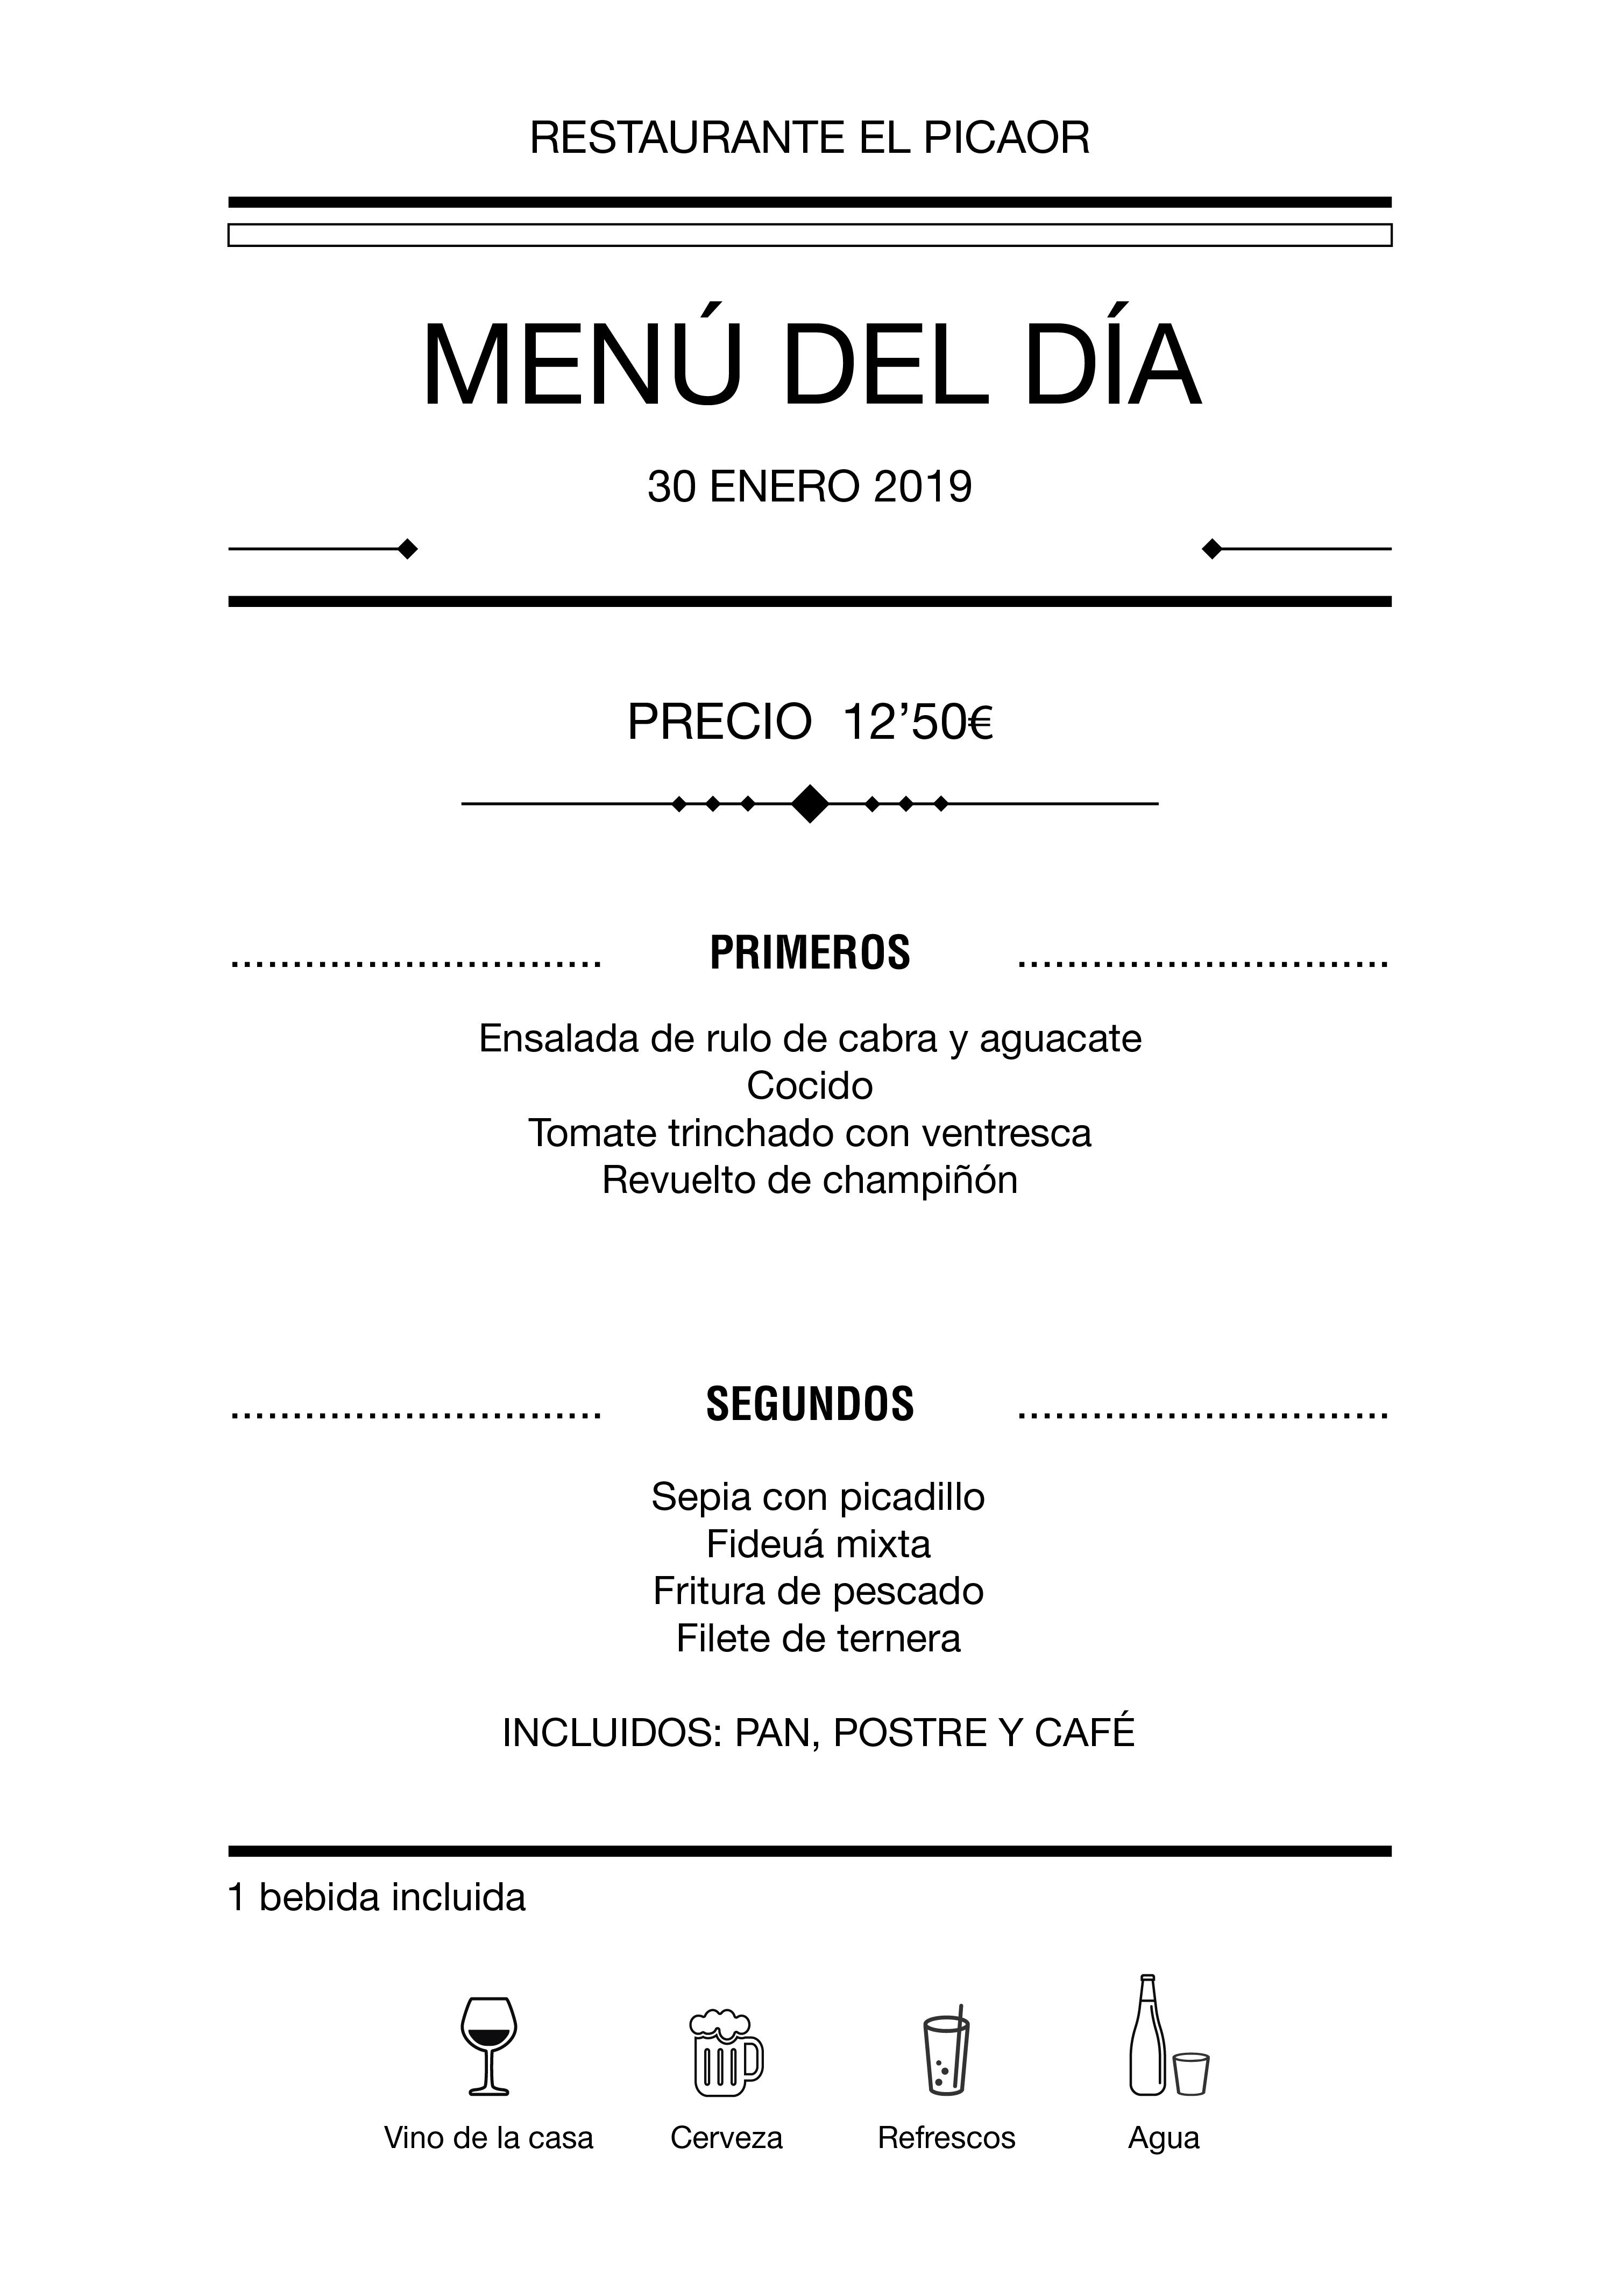 Menú diario El Picaor 30/01/19